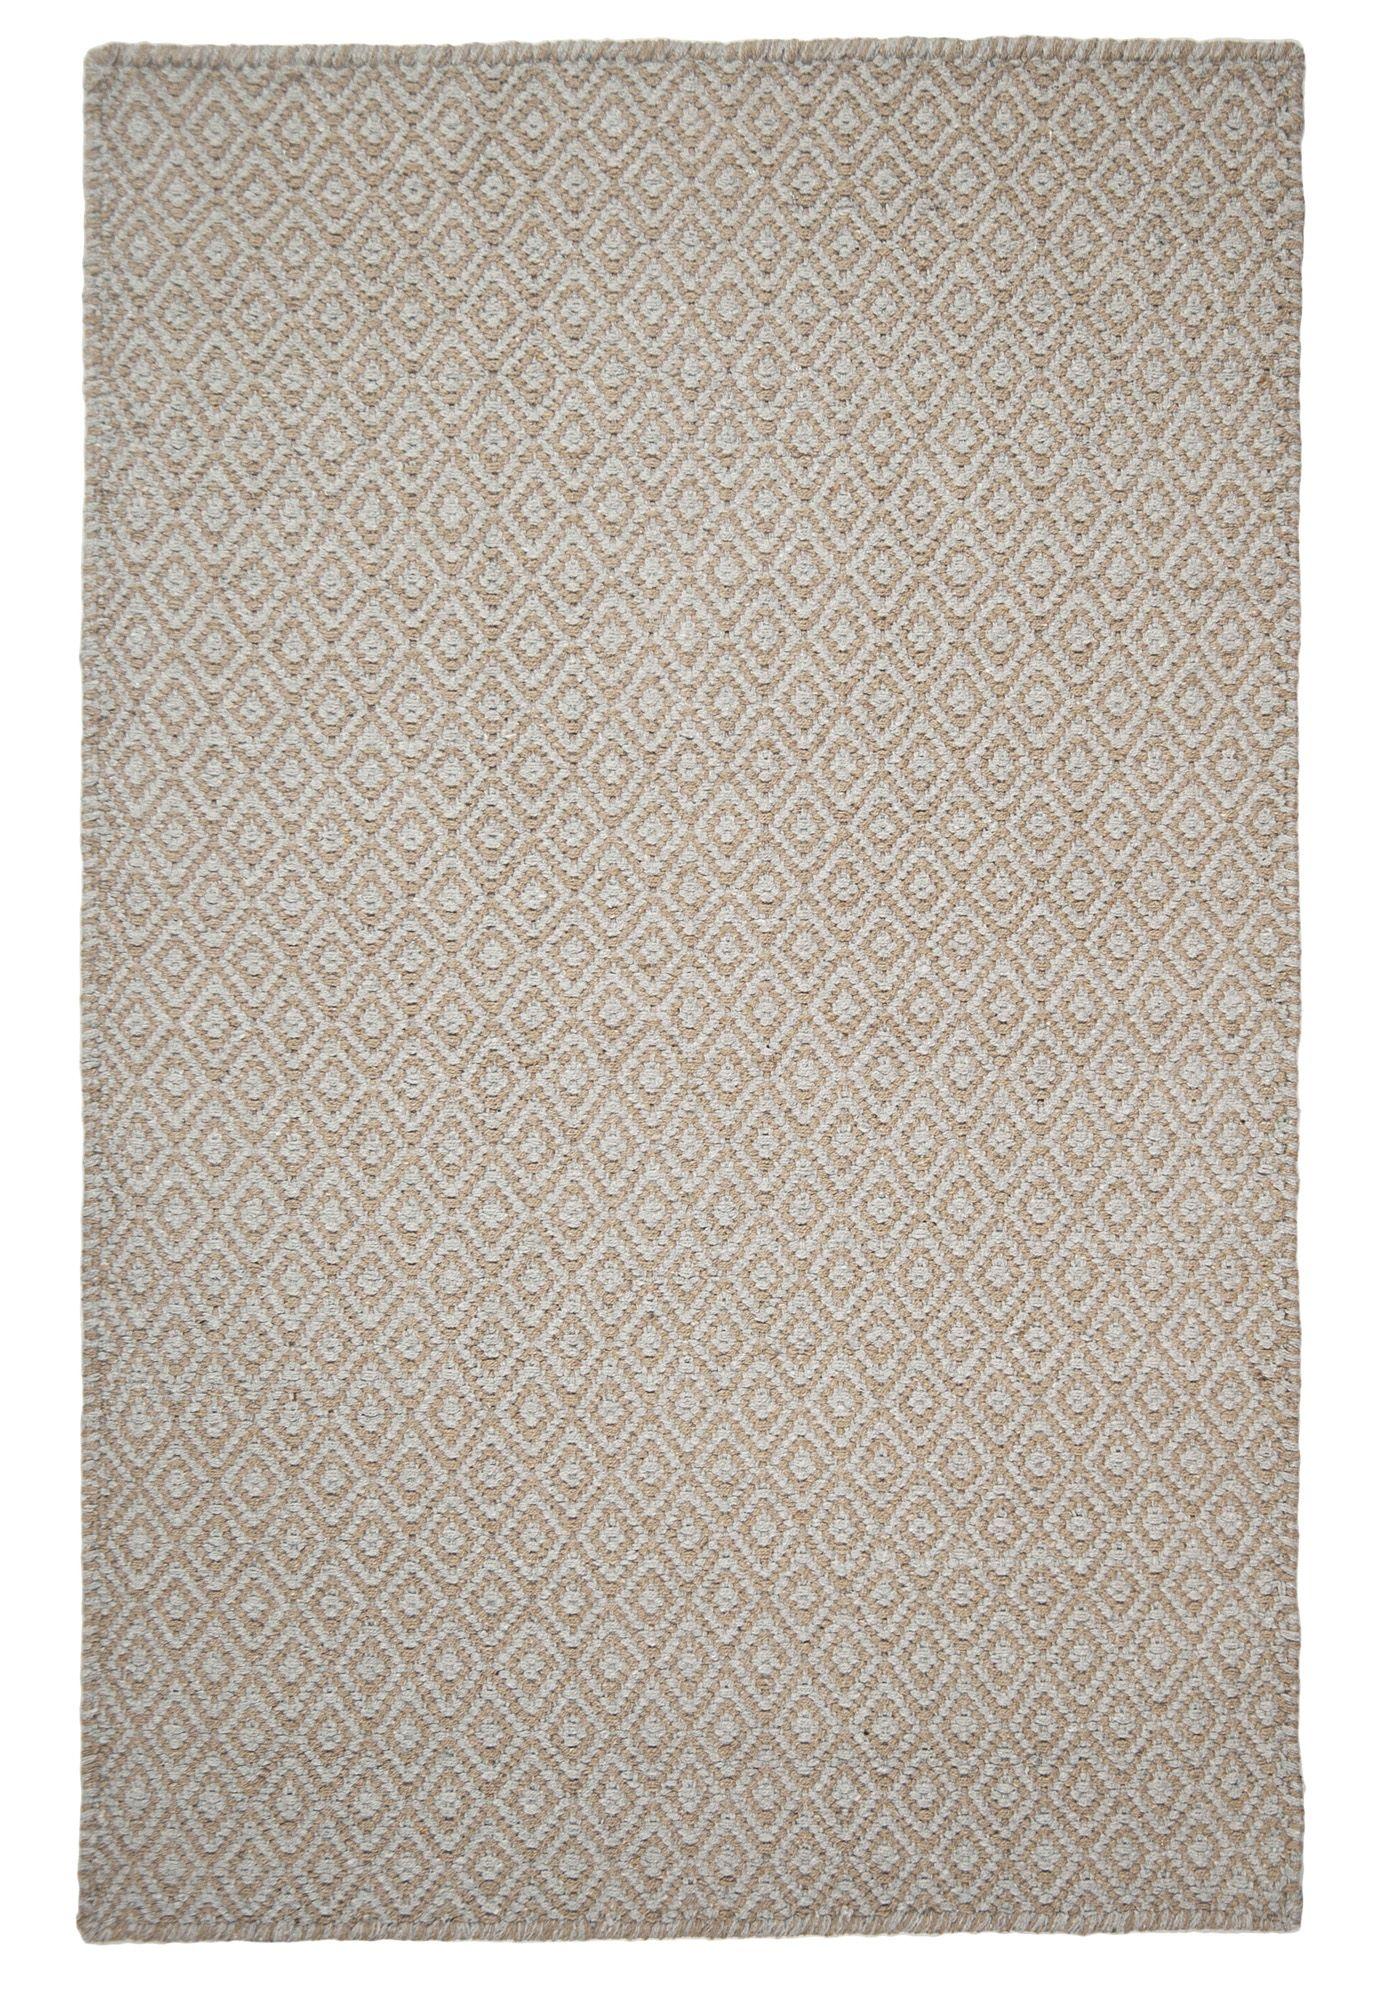 #HookandLoom Shelbourne Eco Cotton Rug - Taupe/Grey